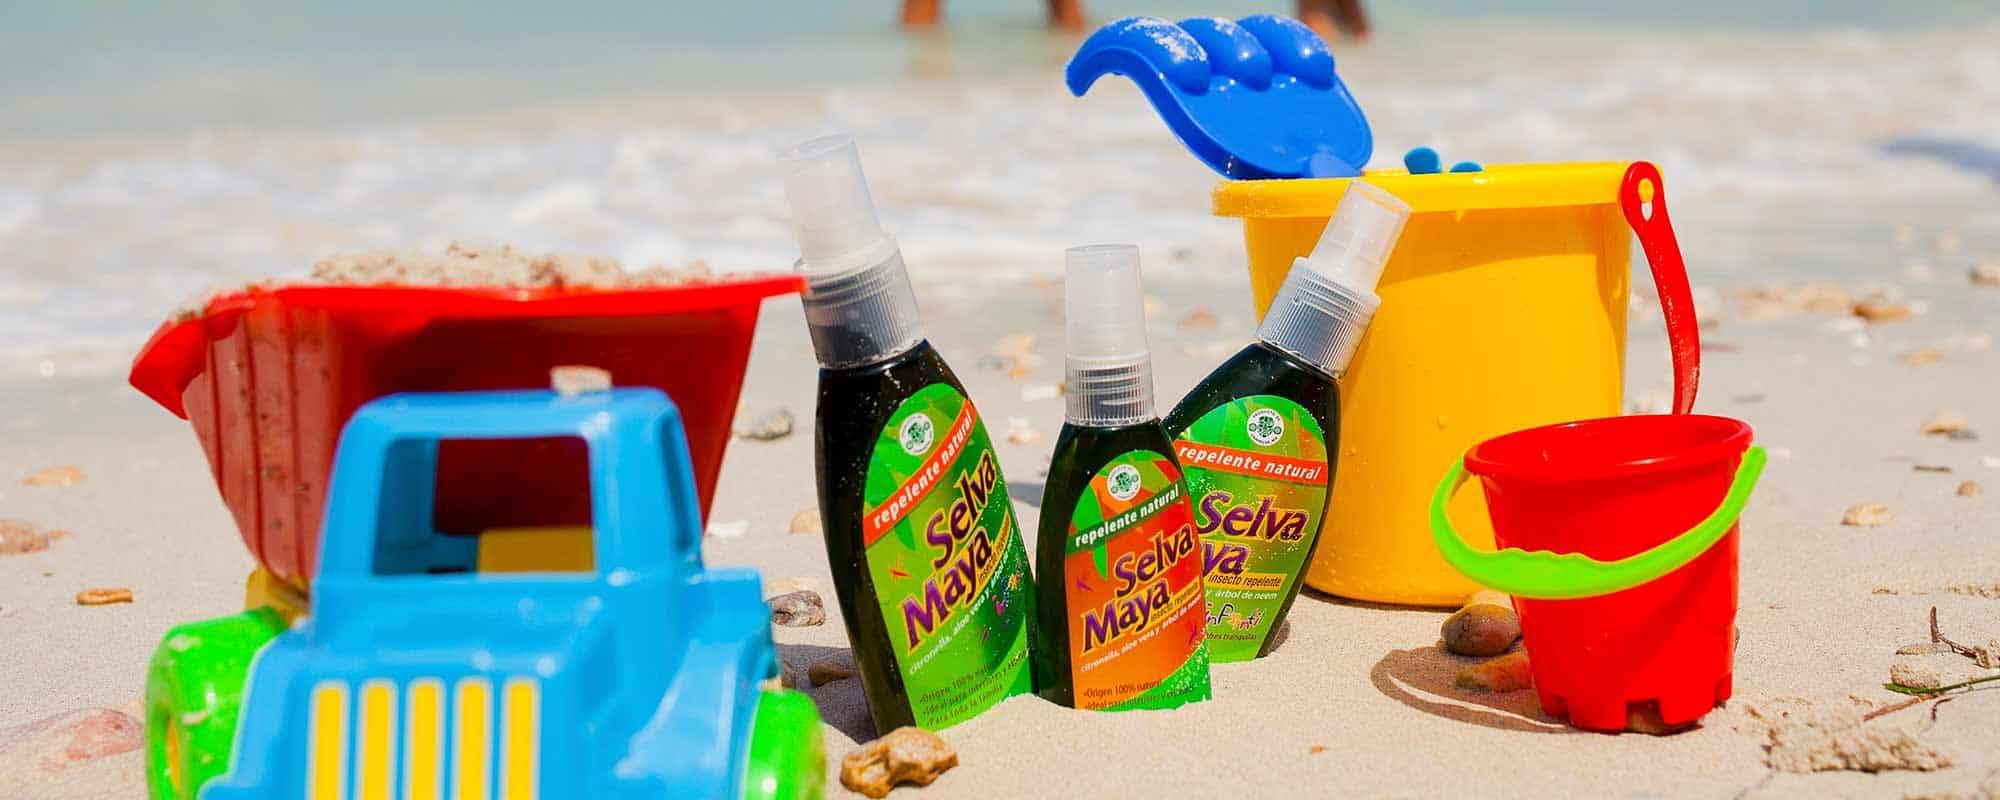 Botellas de Repelente Natural contra insectos y mosquitos Selva Maya en la arena de la playa